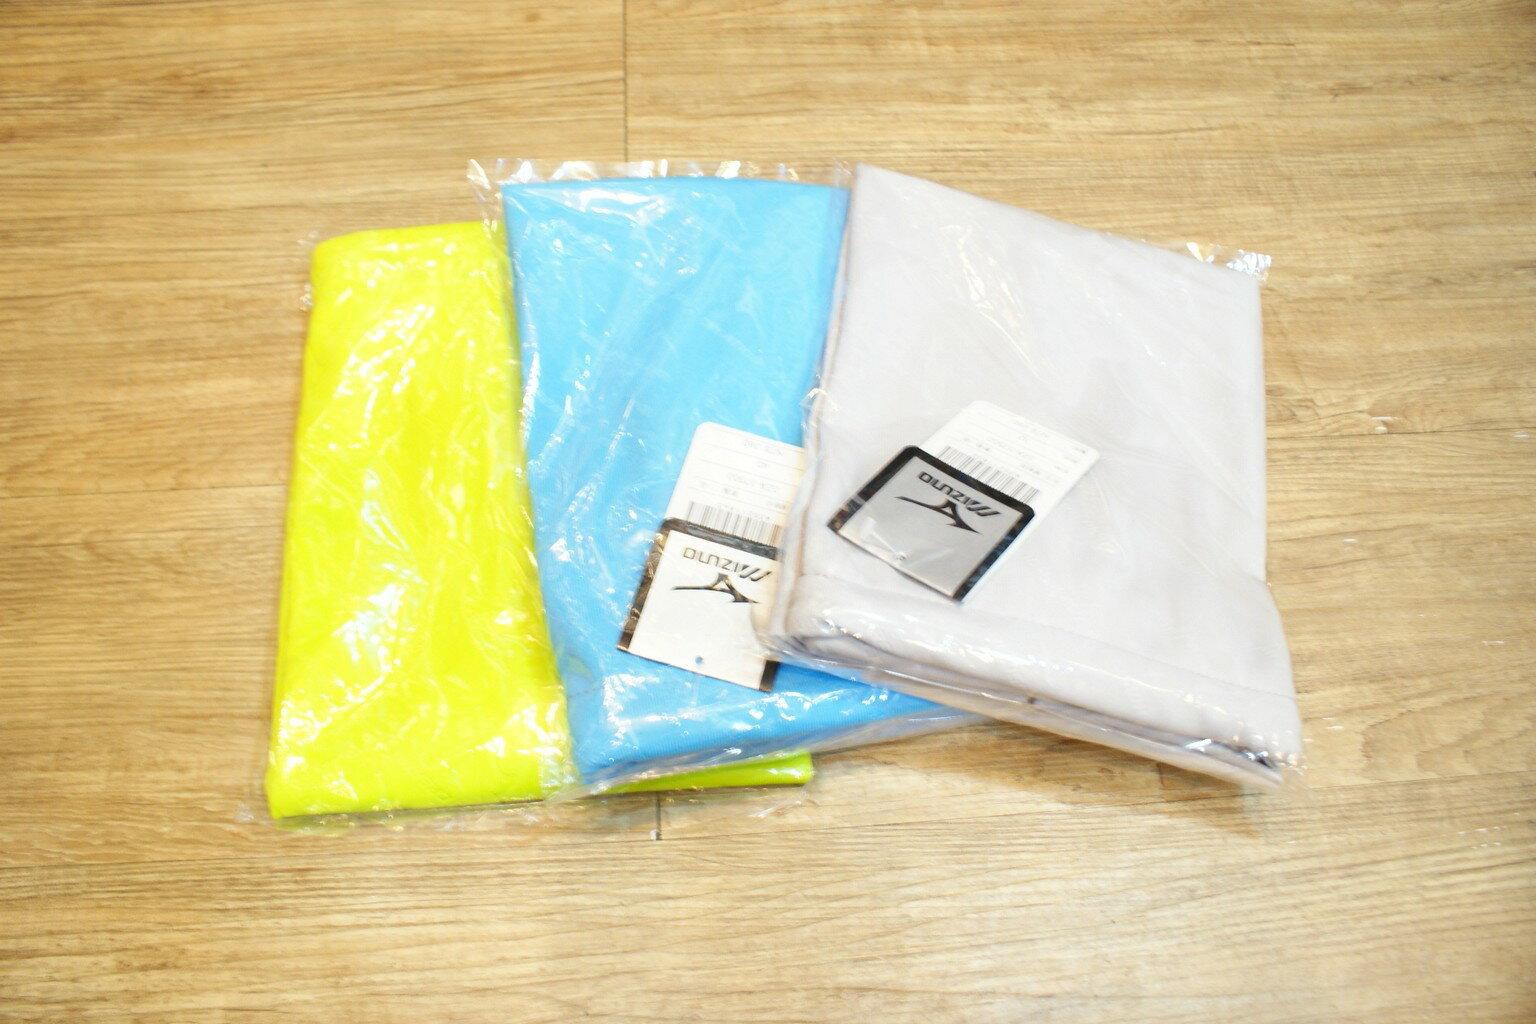 棒球世界 限量 MIZUNO 美津濃手提後背式多功能袋 特價 5色